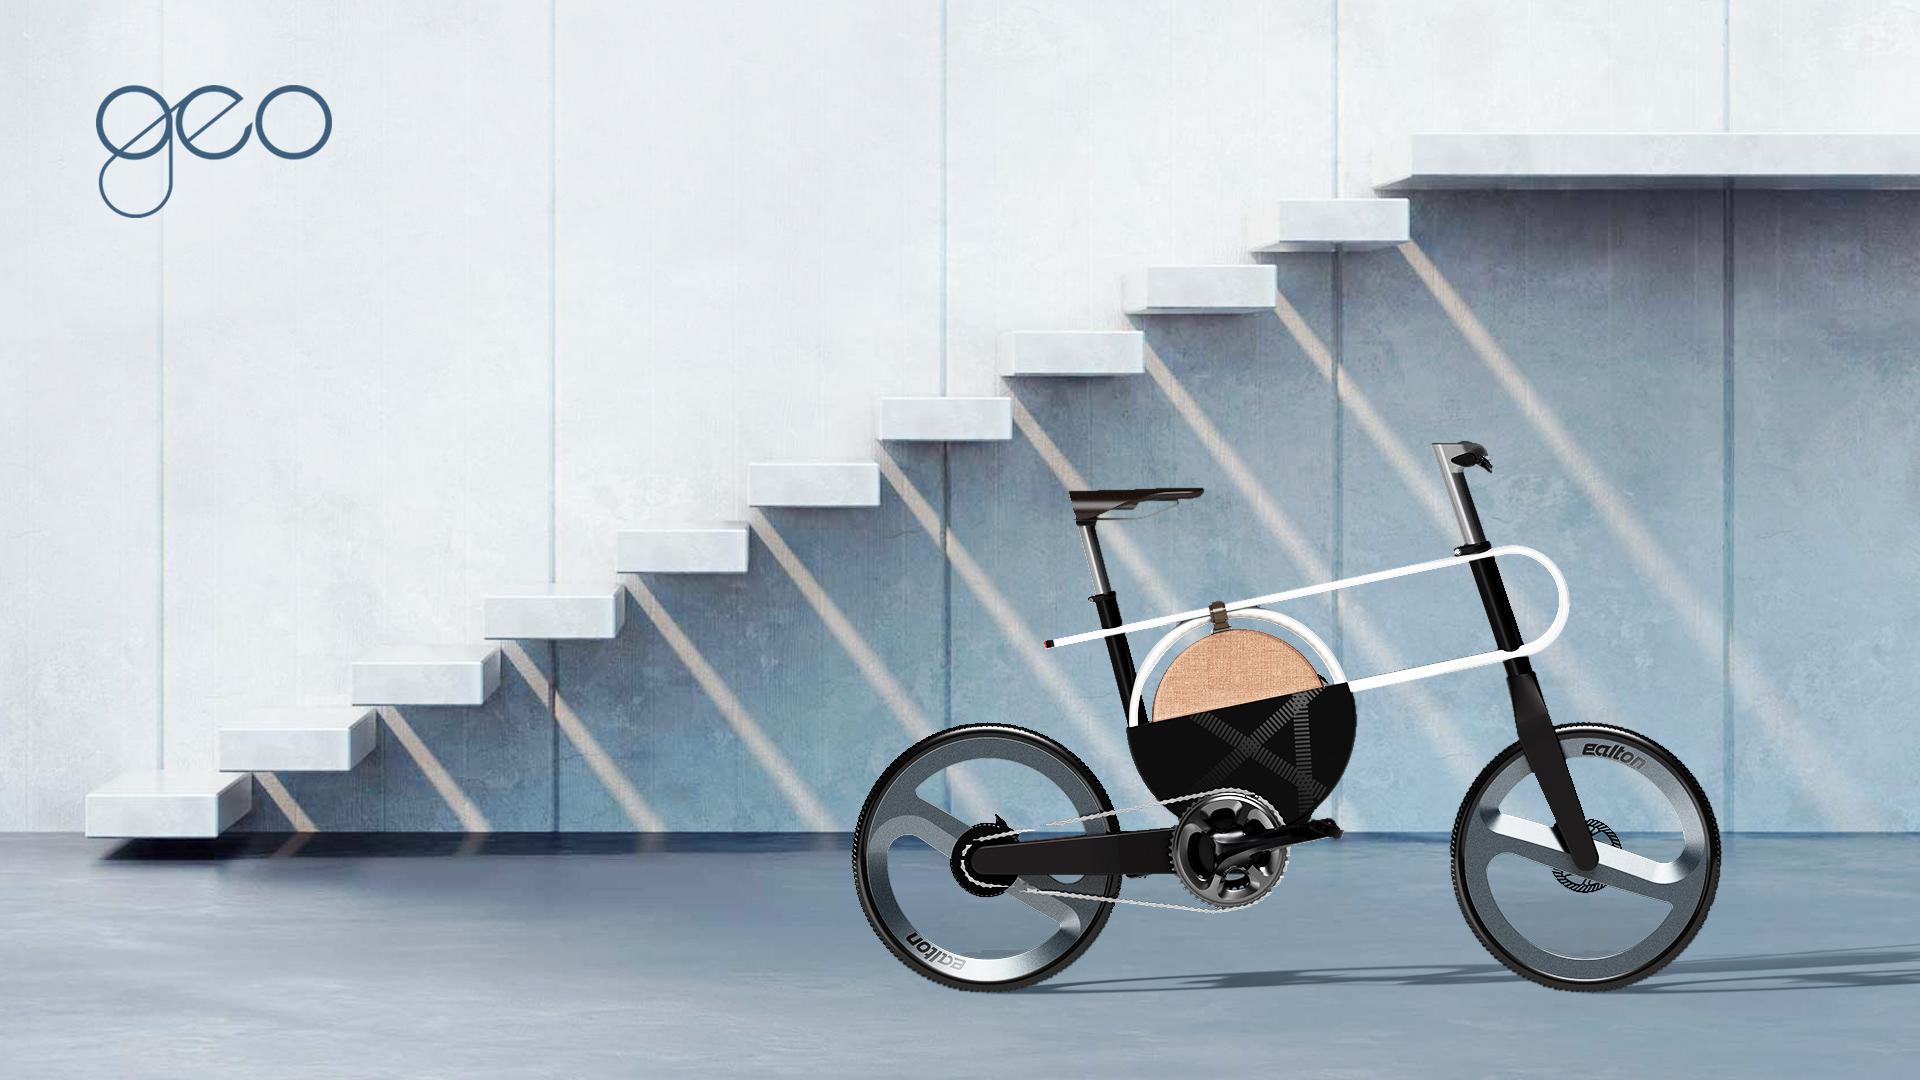 Projet étudiant : Vélo électrique GEO made in Corée